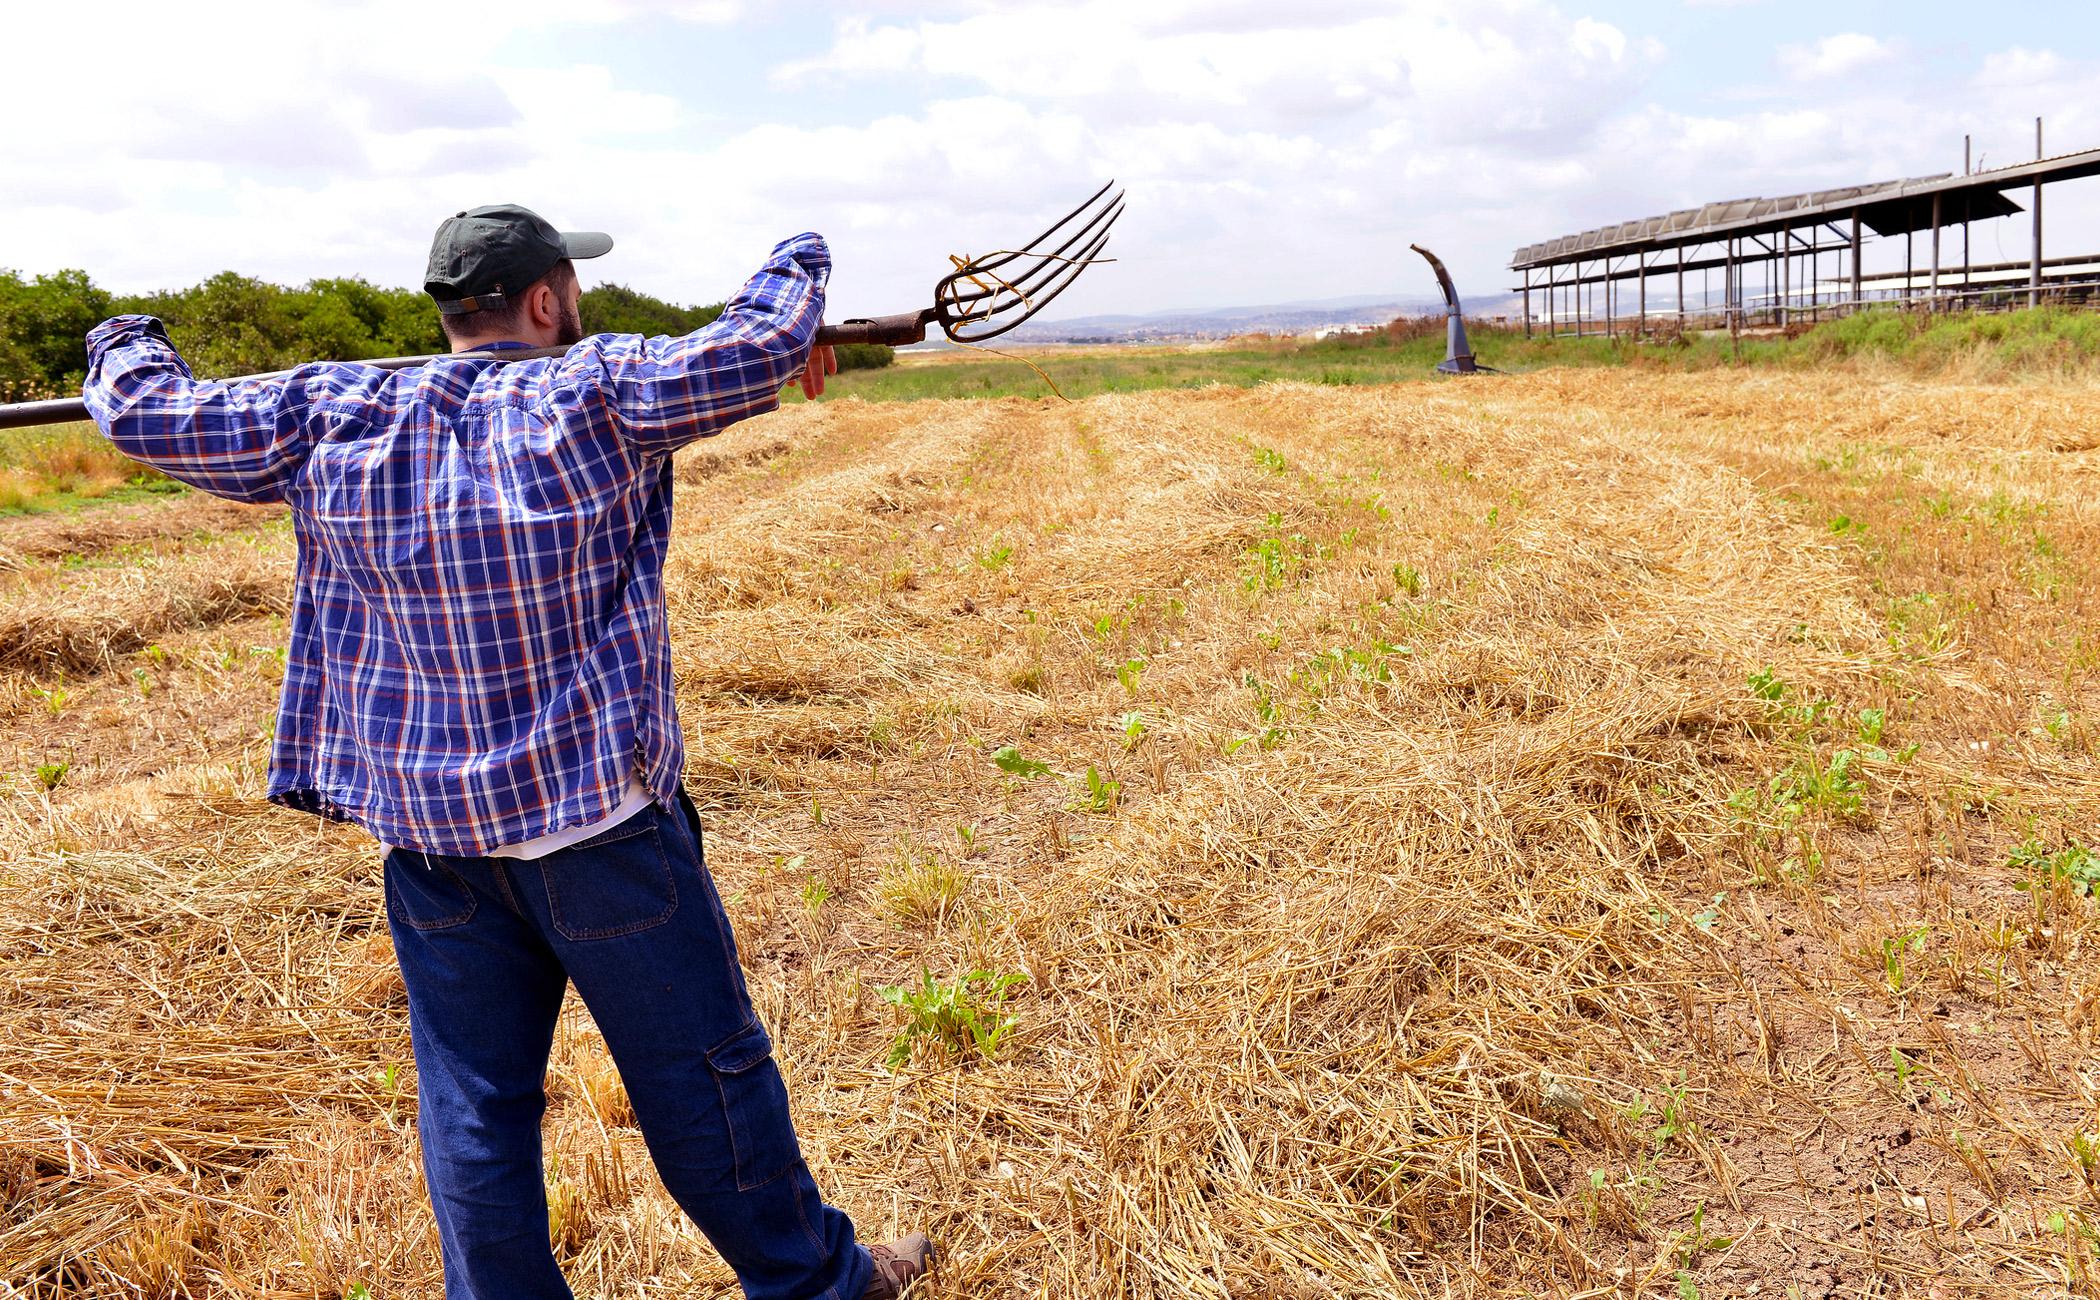 Farmer standing in a field.